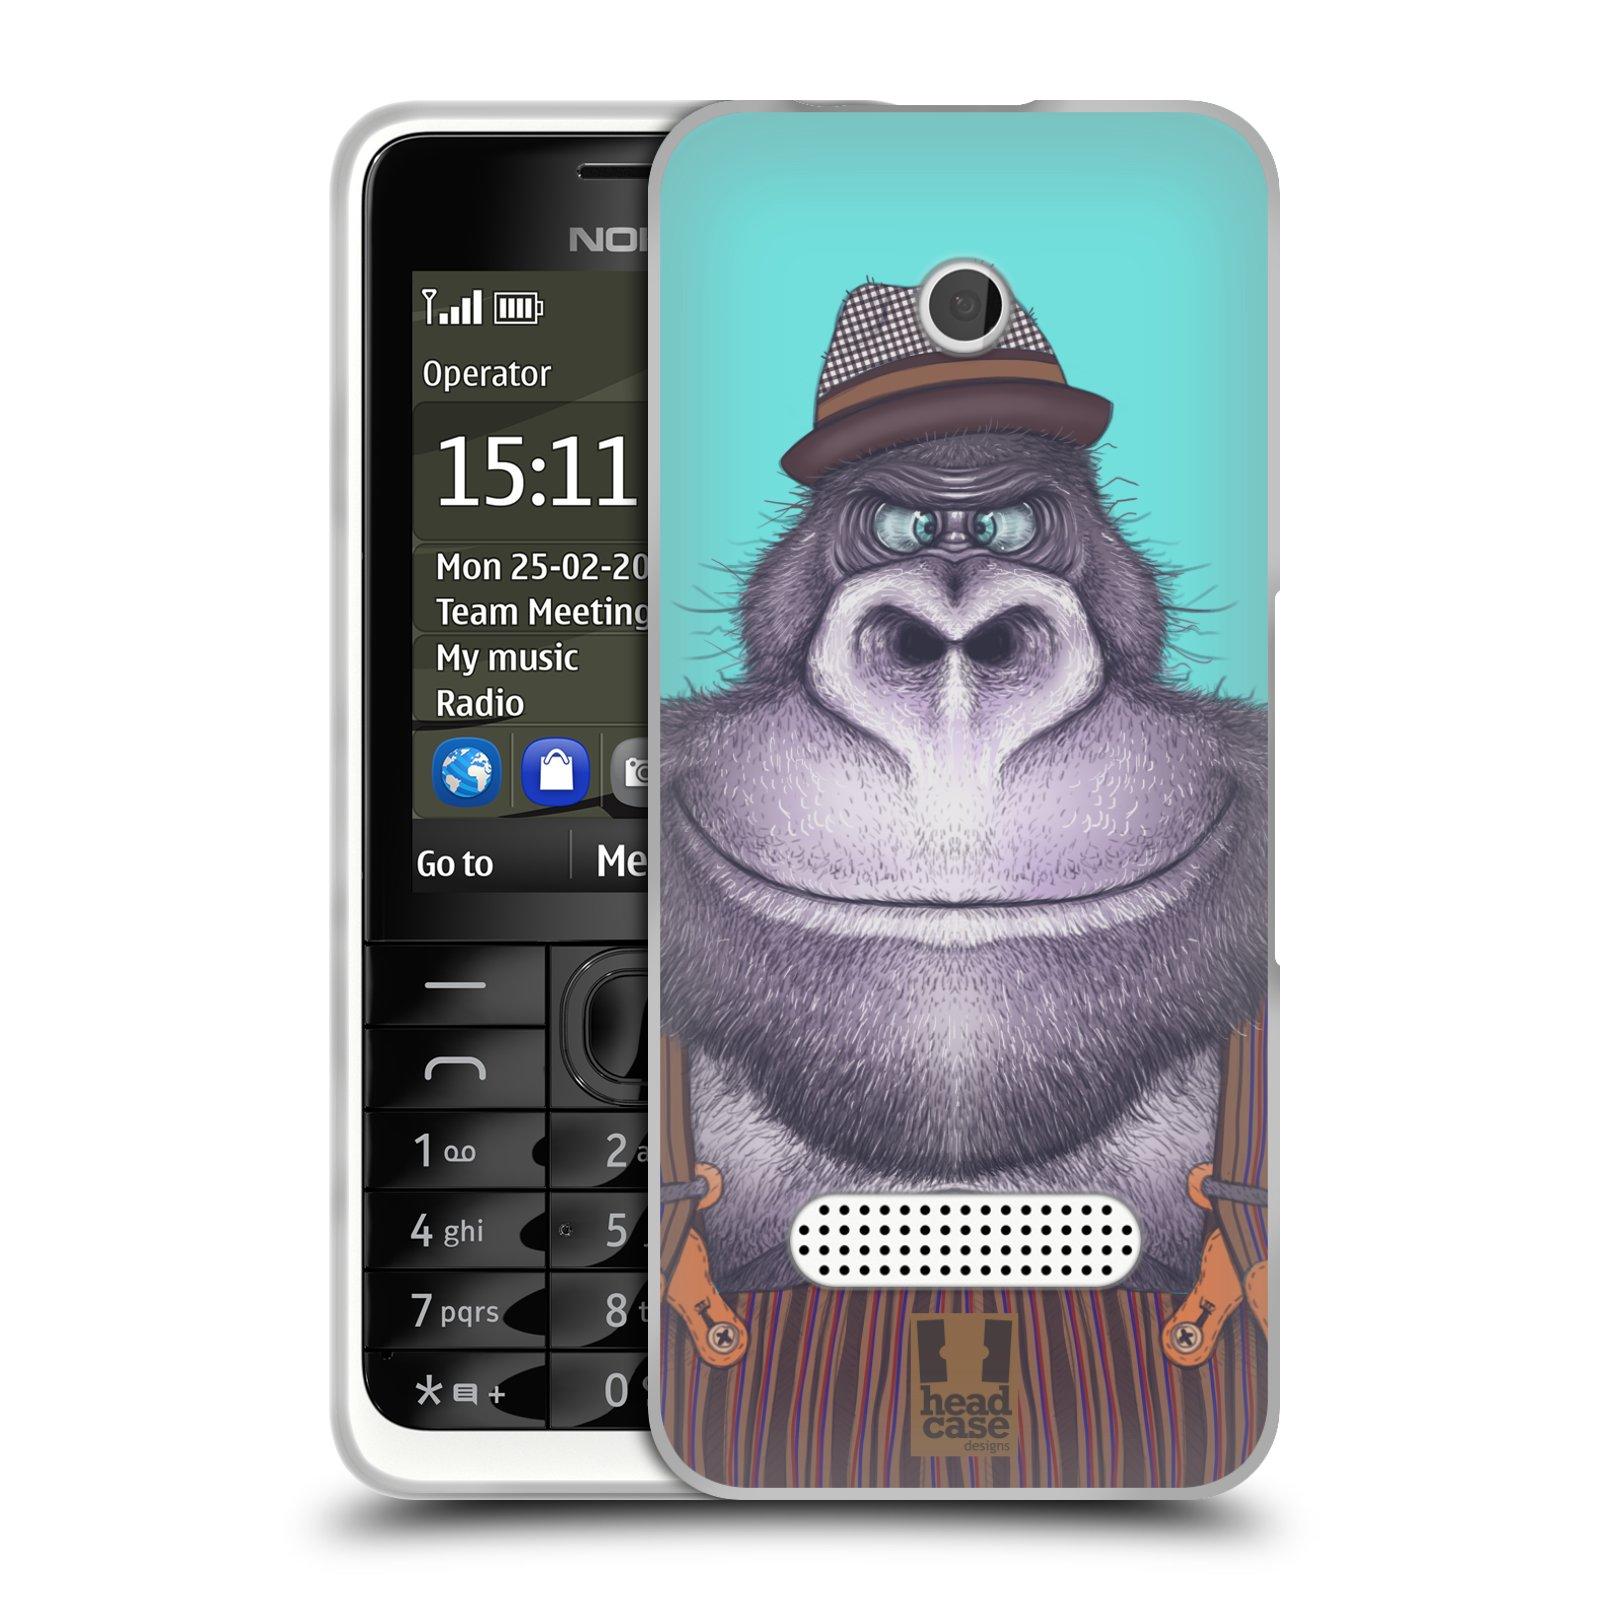 HEAD CASE silikonový obal na mobil NOKIA 301 vzor Kreslená zvířátka gorila